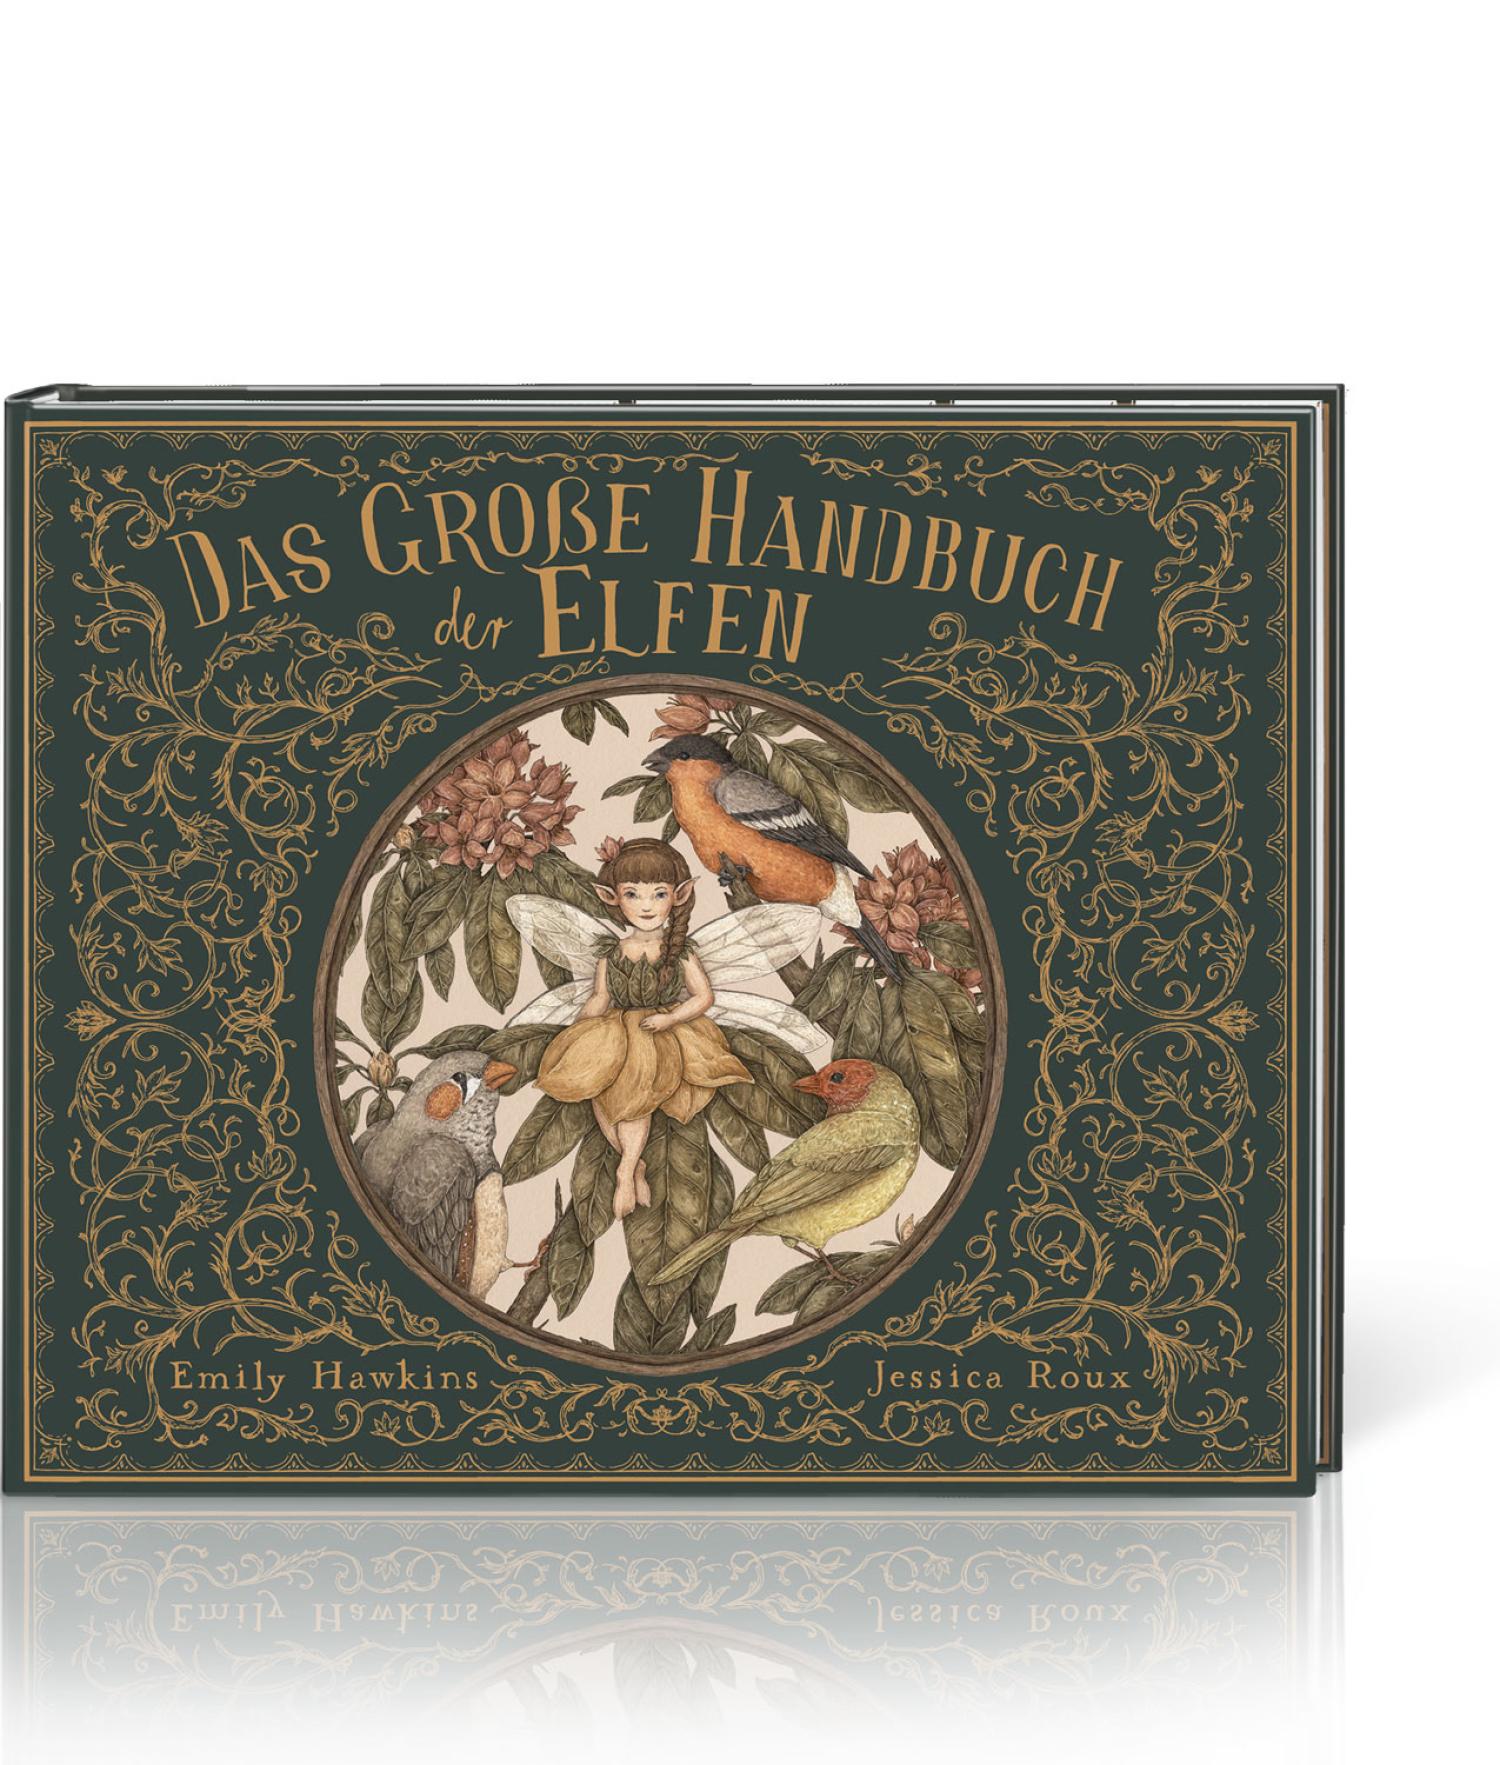 Das große Handbuch der Elfen, Produktbild 1